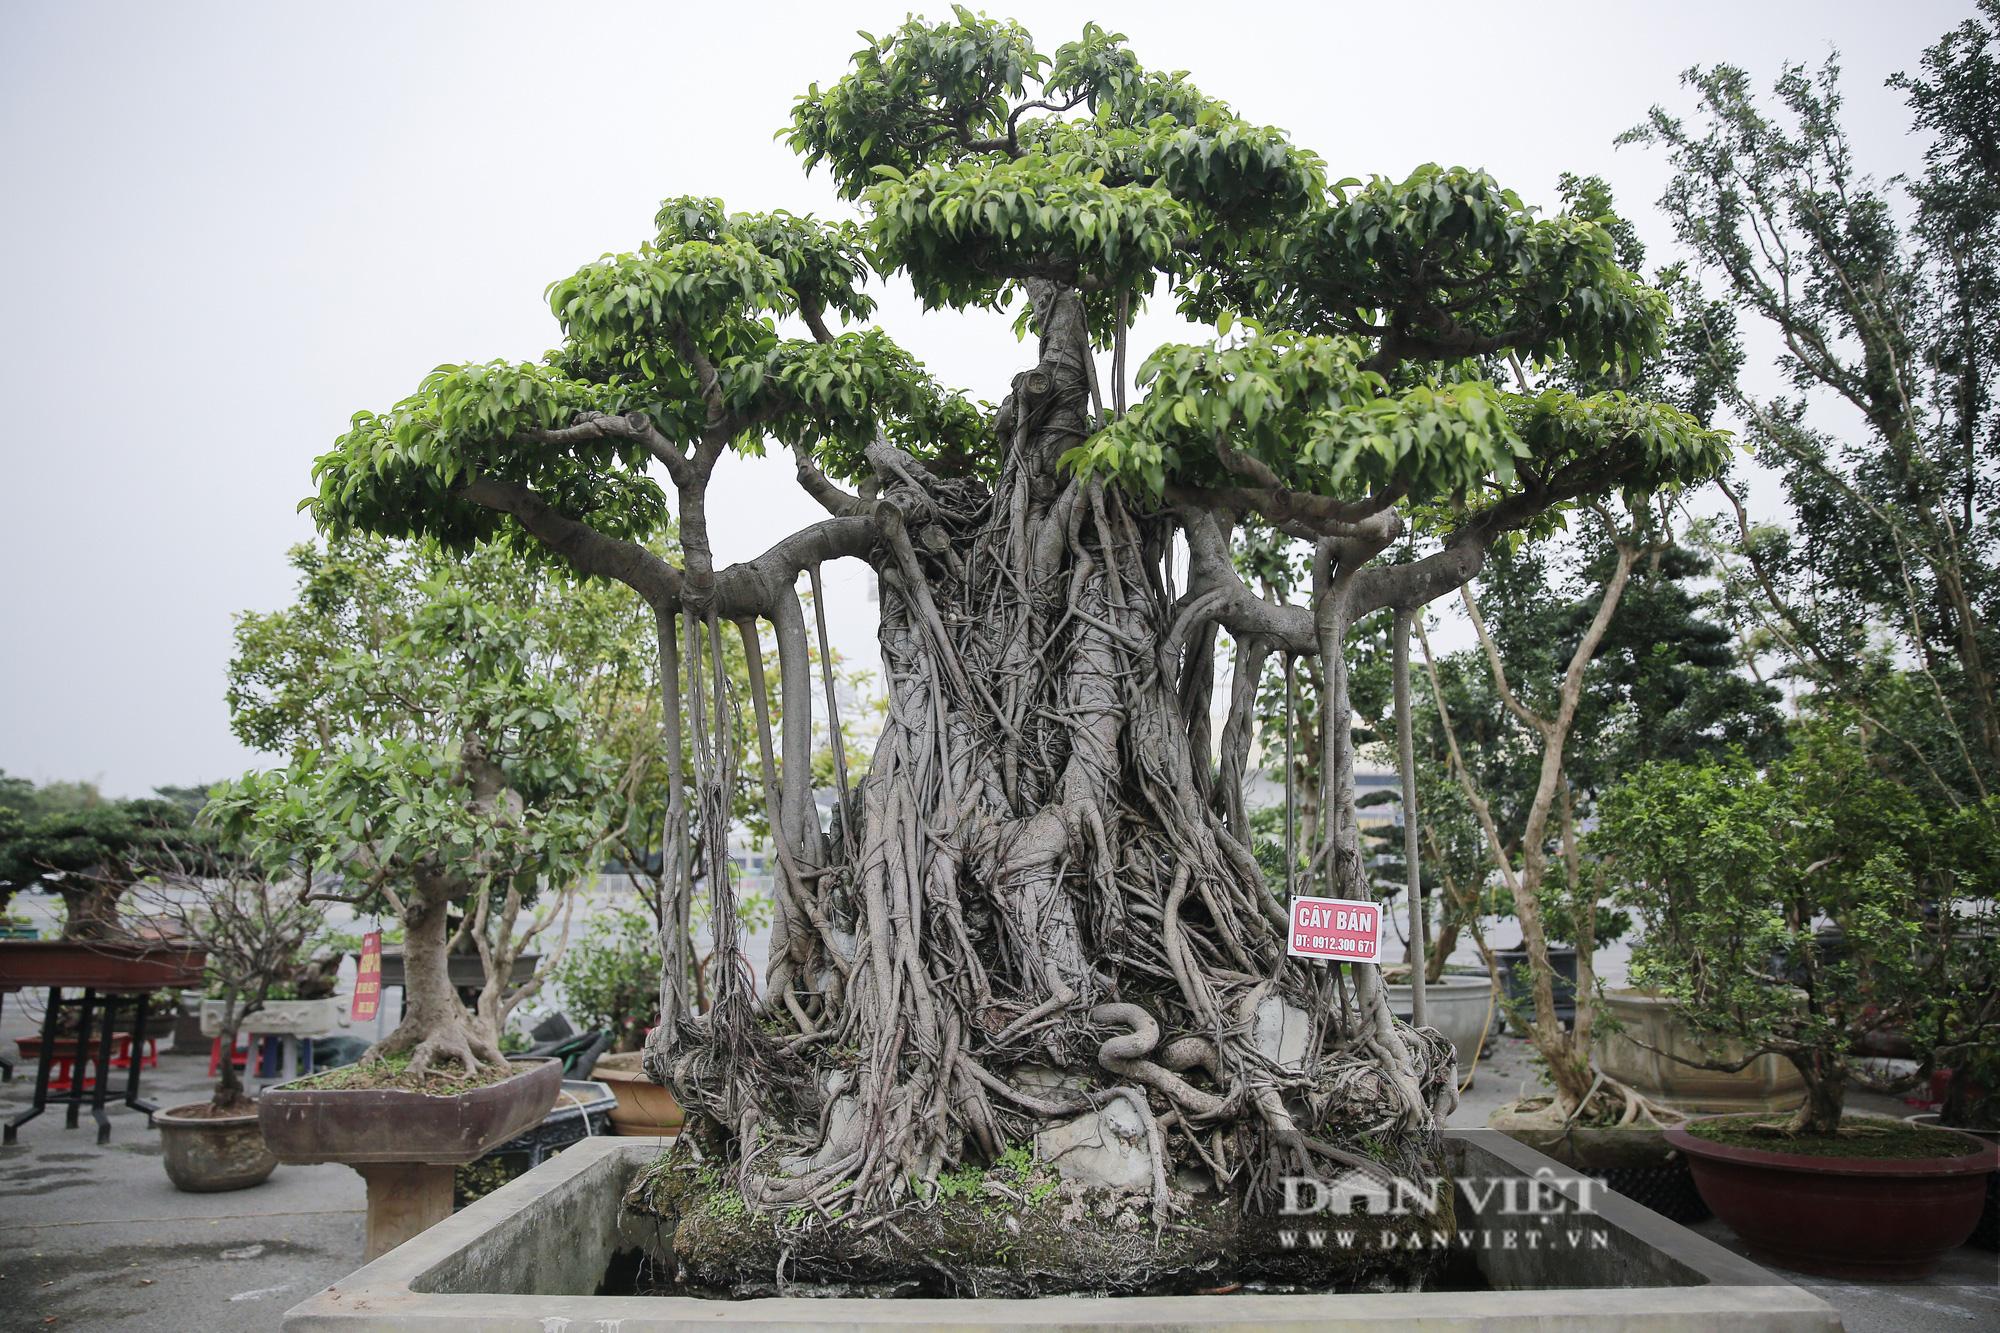 Mãn nhãn với những chậu bonsai quý hiếm tại Festival Sinh vật cảnh Hà Nội - Ảnh 5.